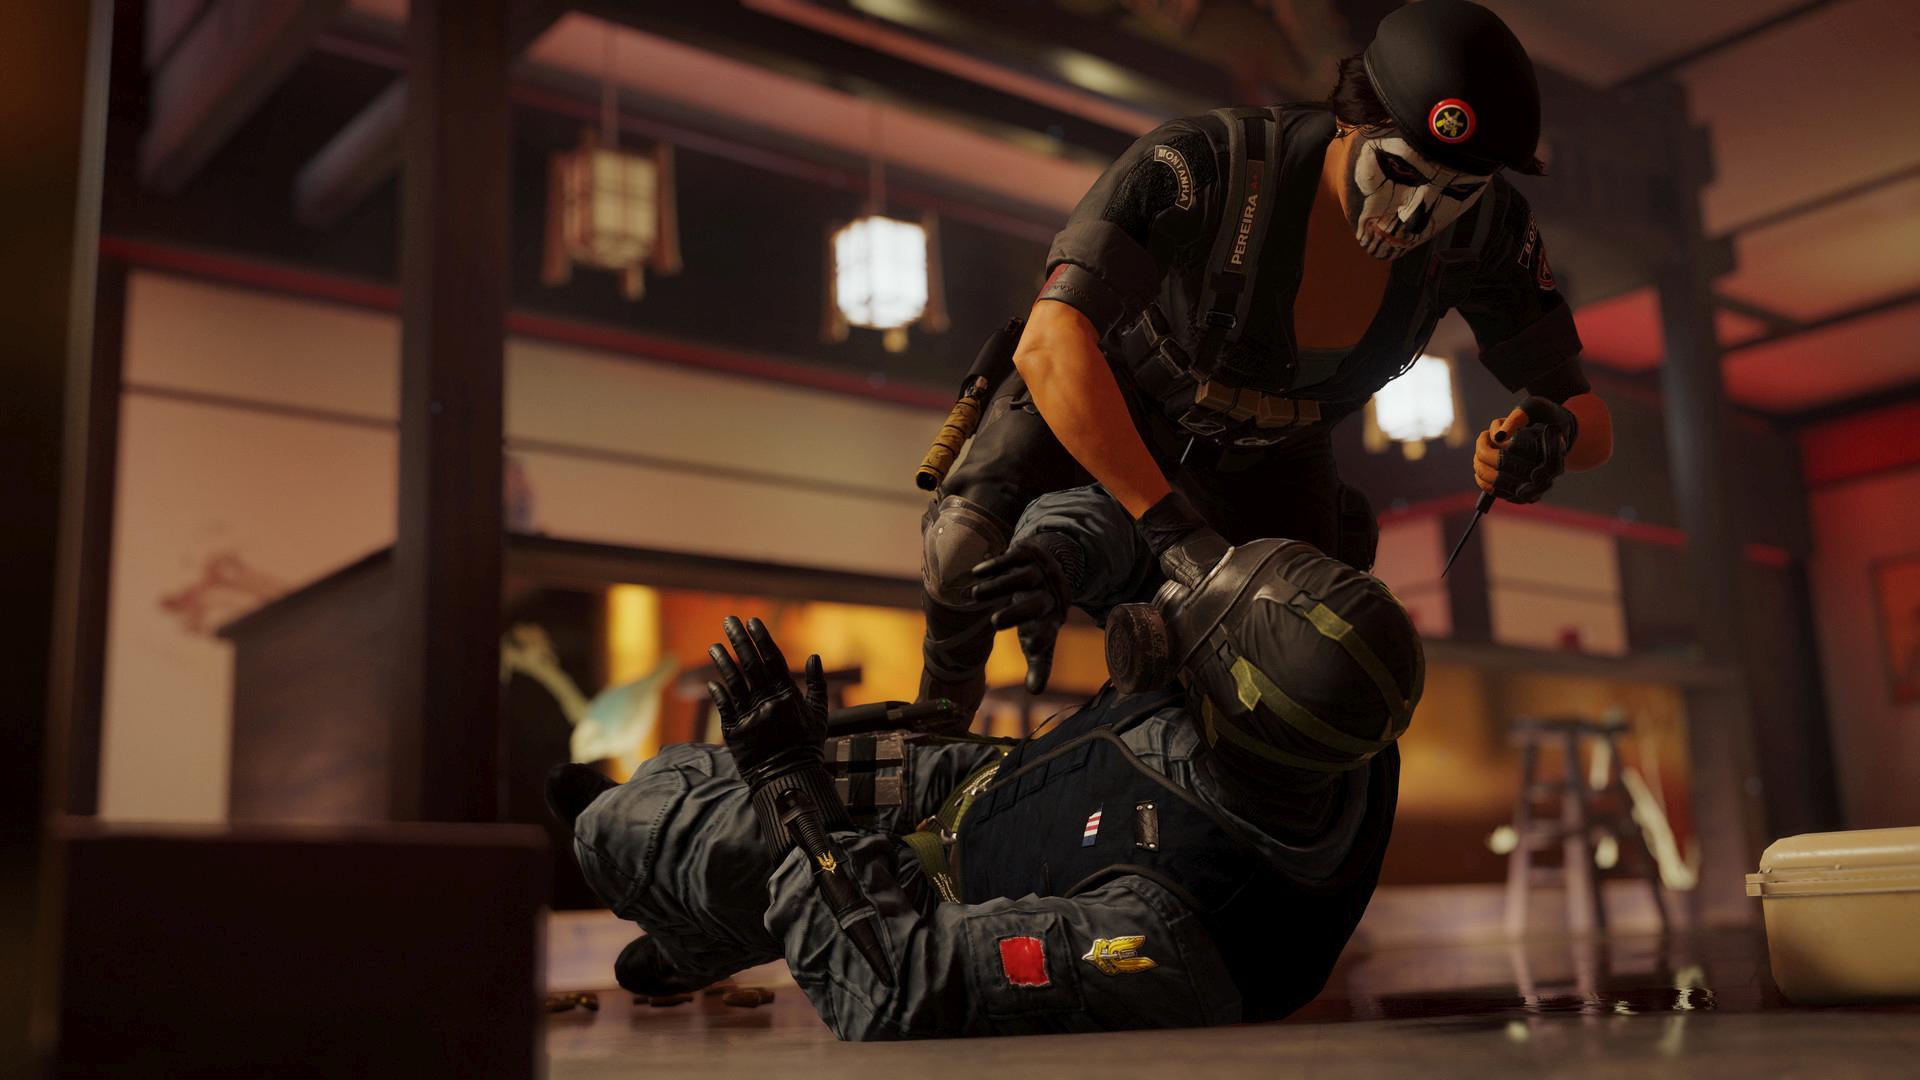 Rainbow Six Siege free to play